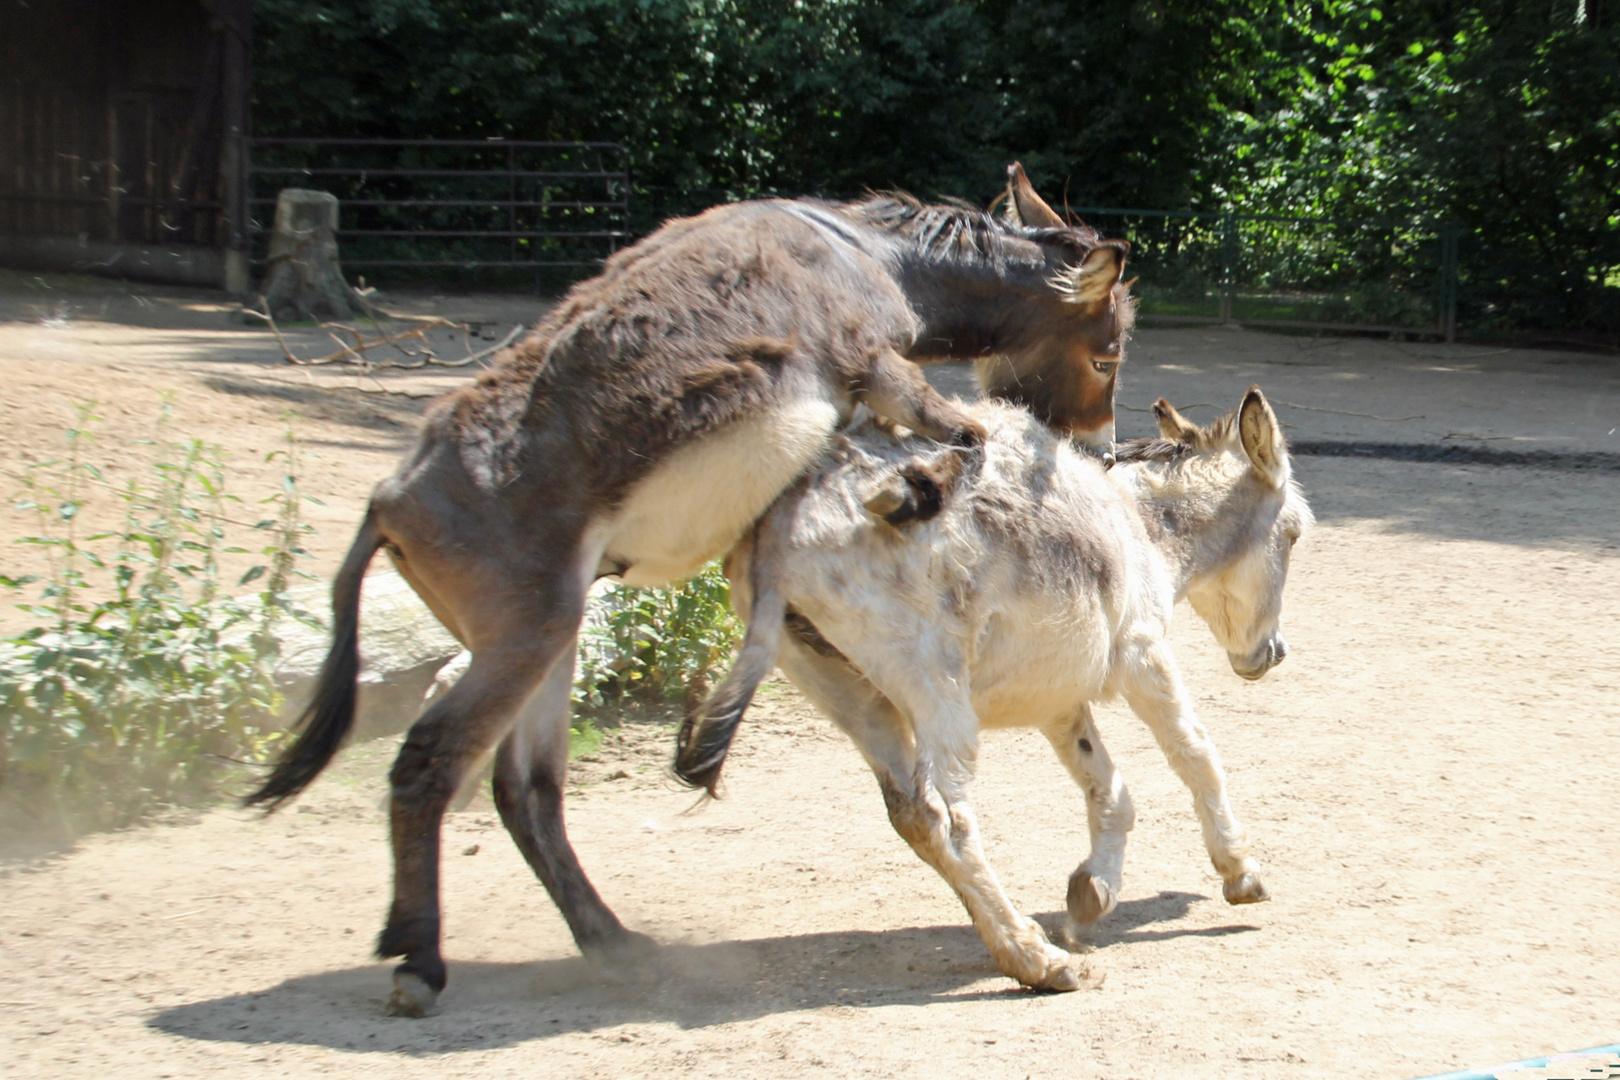 Paarung im Galopp Foto & Bild | tiere, haustiere, pferde